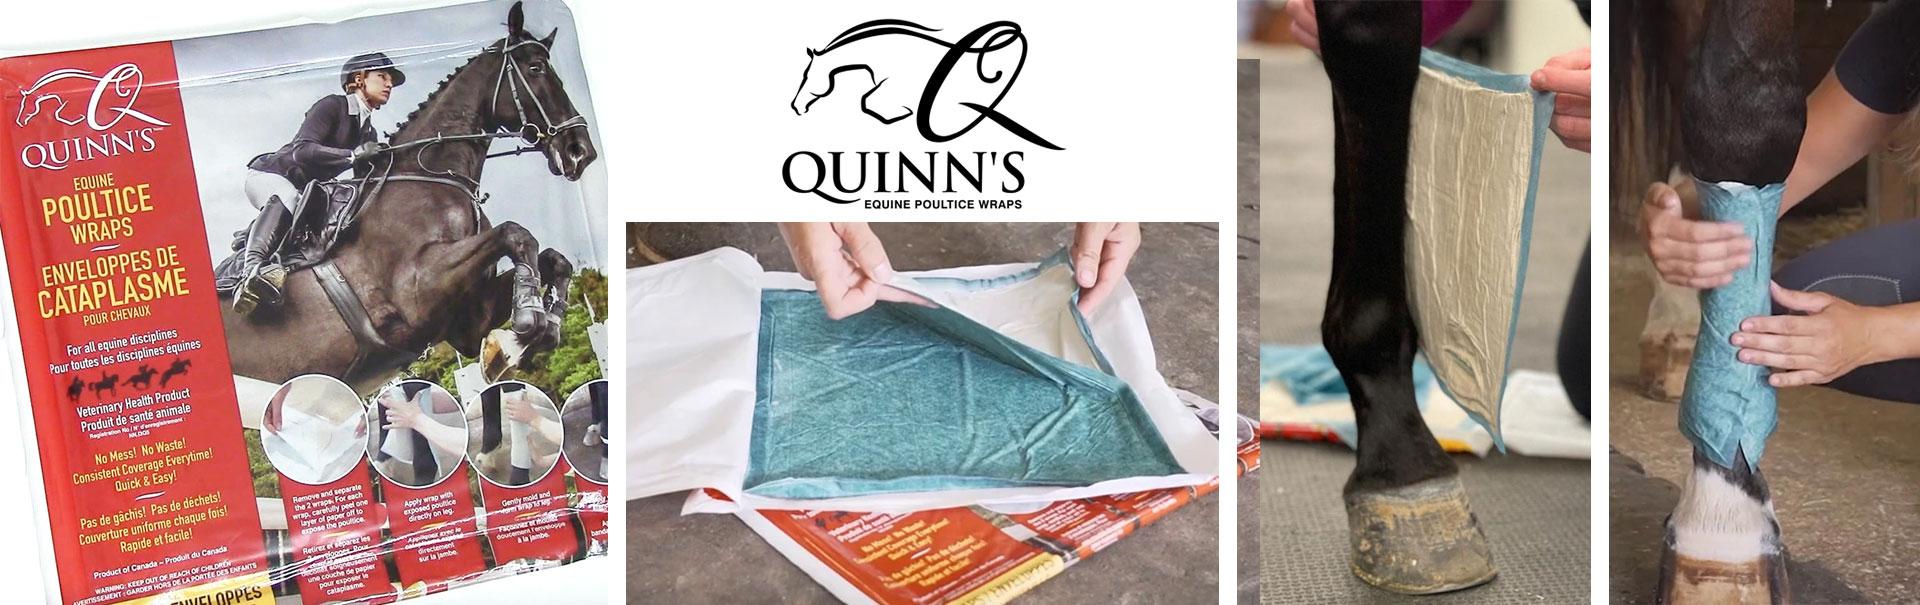 Quinn's Poultice Wraps